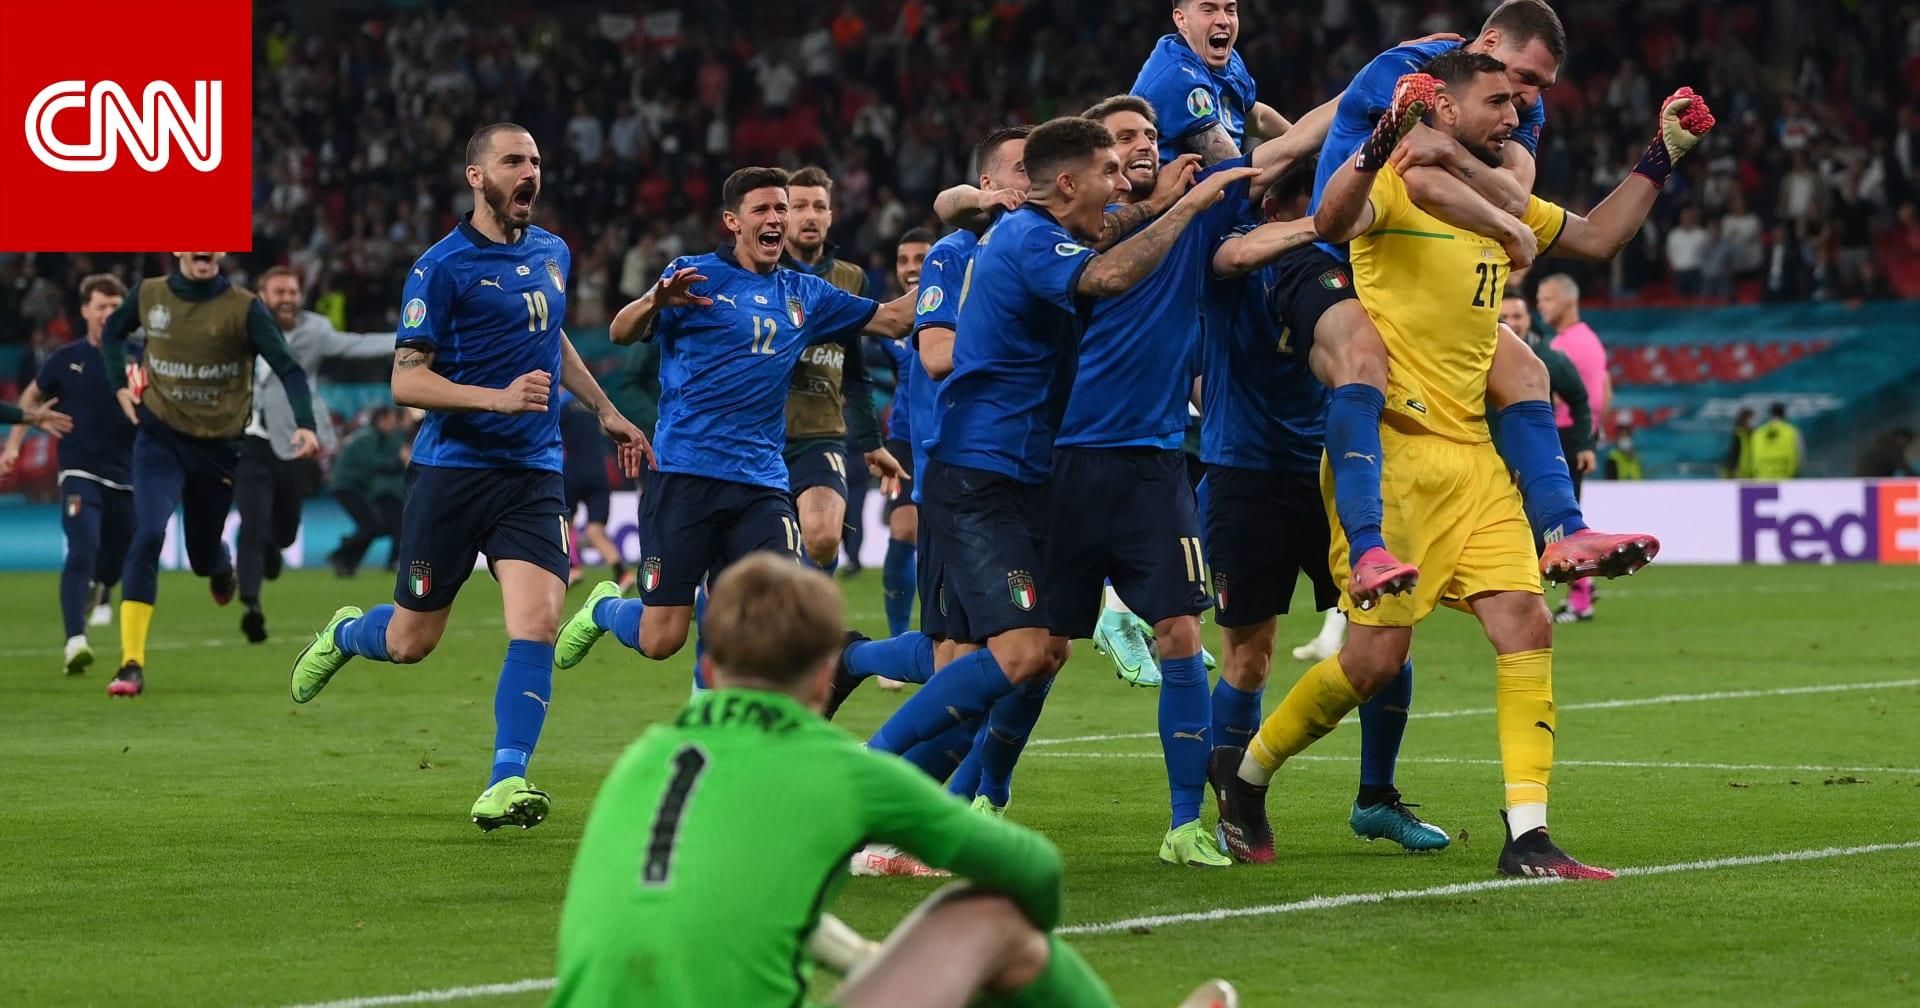 إيطاليا تحرم إنجلترا من لقبها الأول وتتوج ببطولة أوروبا للمرة الأولى منذ 53 عامًا